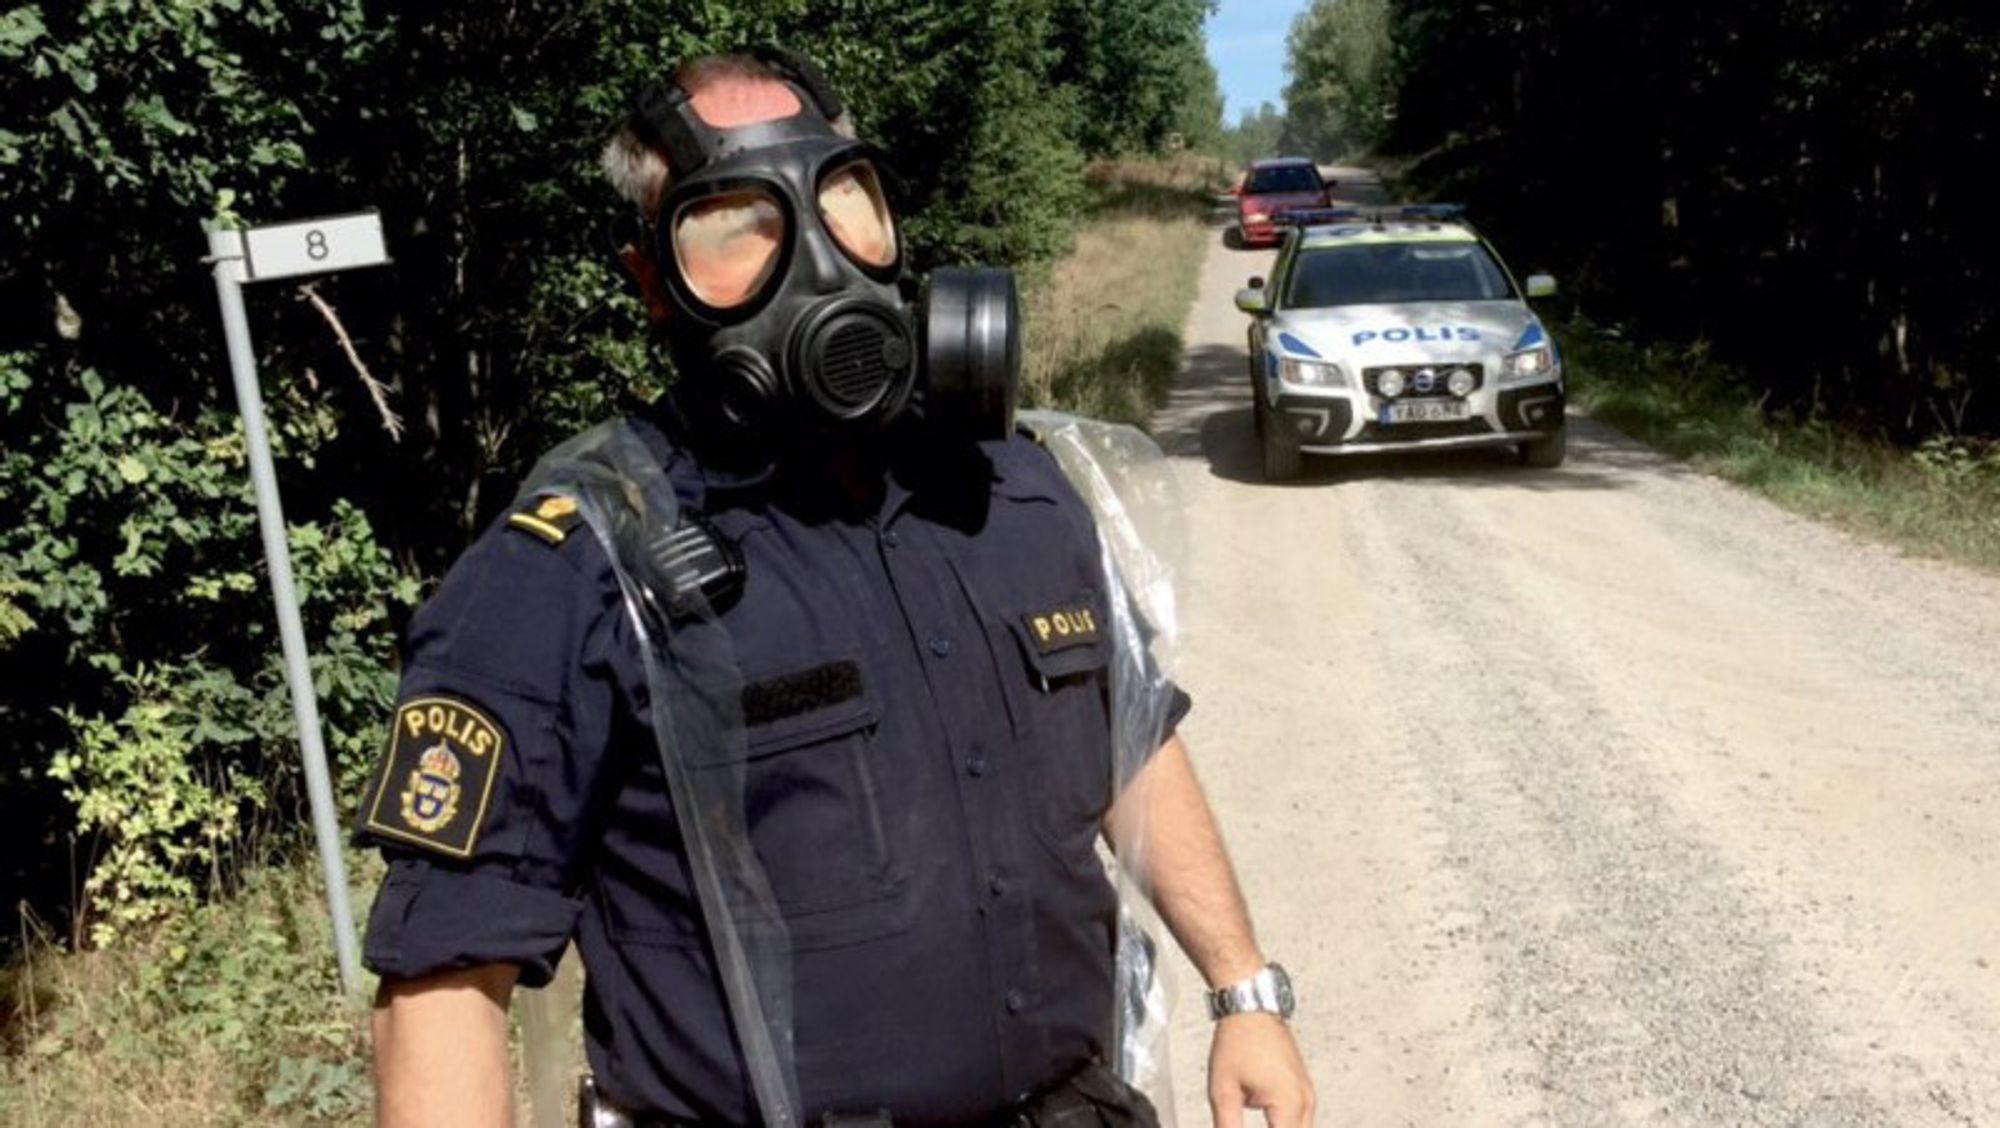 En politimann med gassmaske ved sperringene i nærheten av der flyet styrtet. Politiet ber folk holde seg unna for ikke å puste inn røyk.